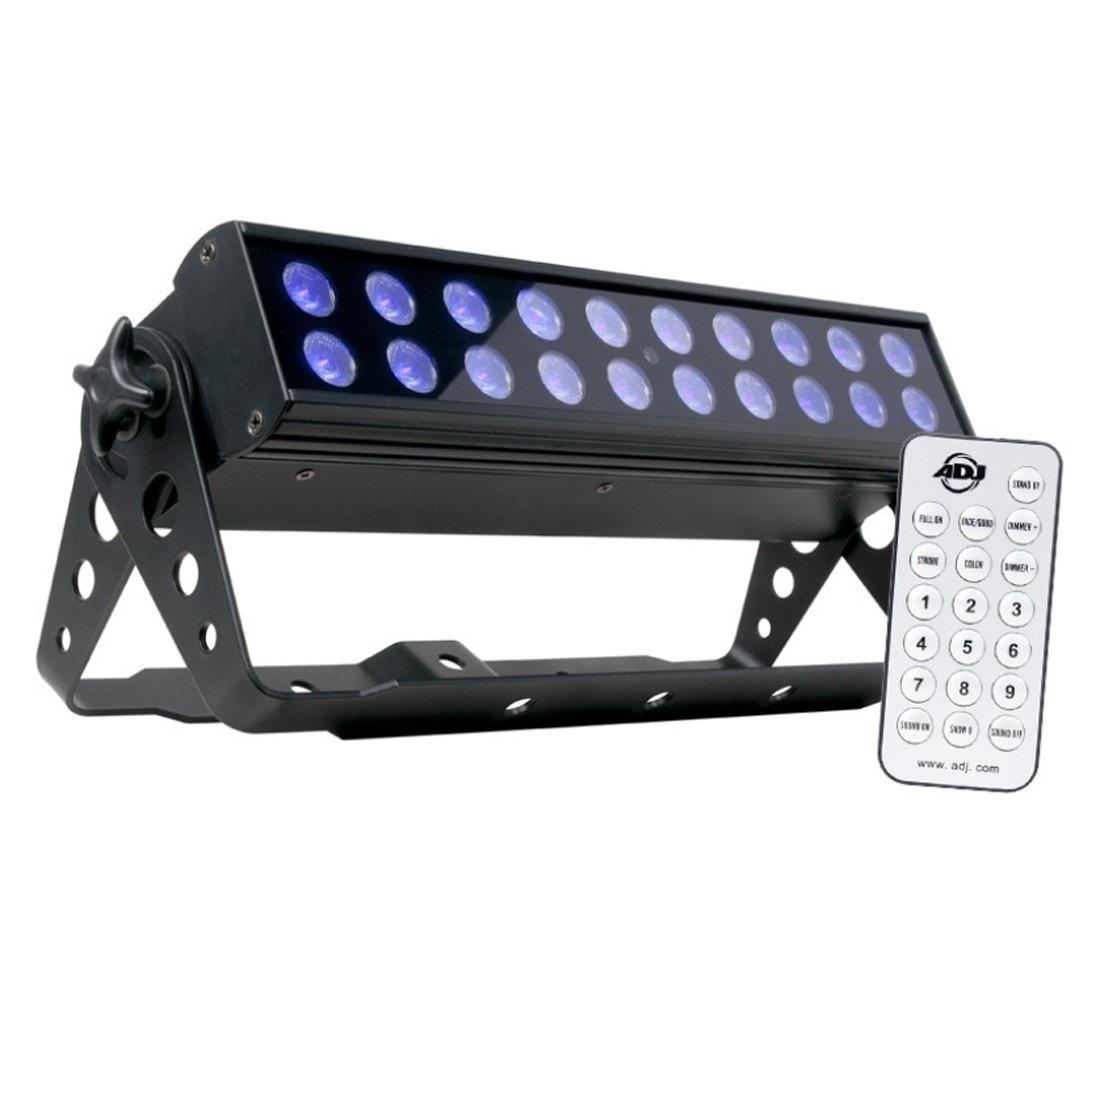 ADJ UV LED BAR20 IR